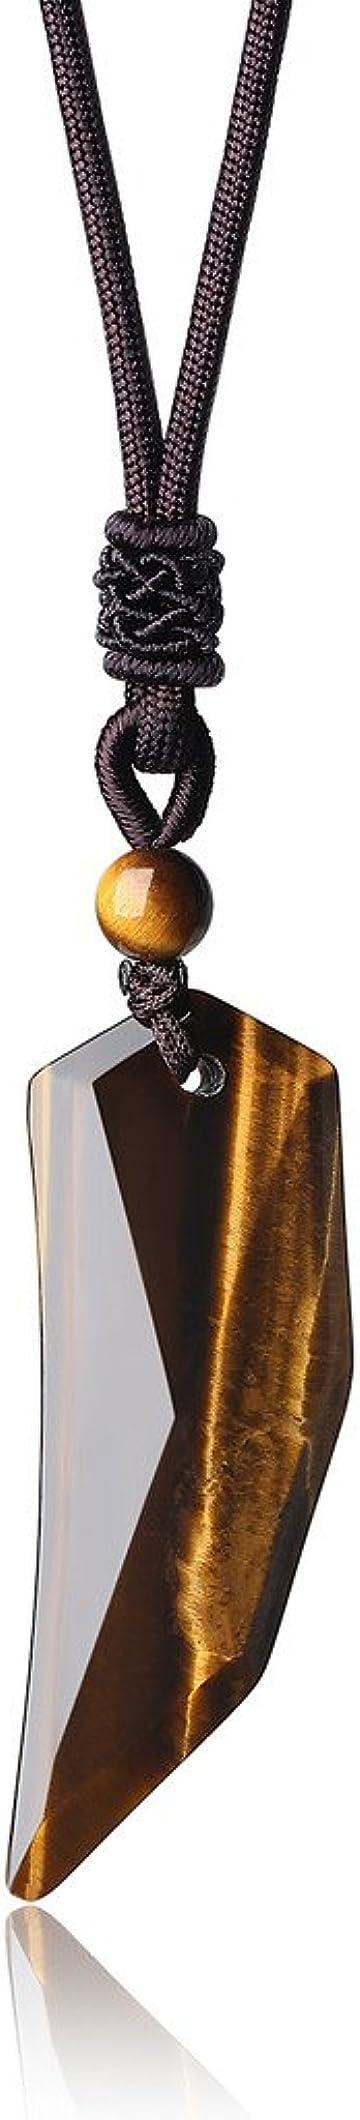 Collana pendente dente di lupo con pietre naturali - collana pendente unisex con laccio regolabile coai N415-1U